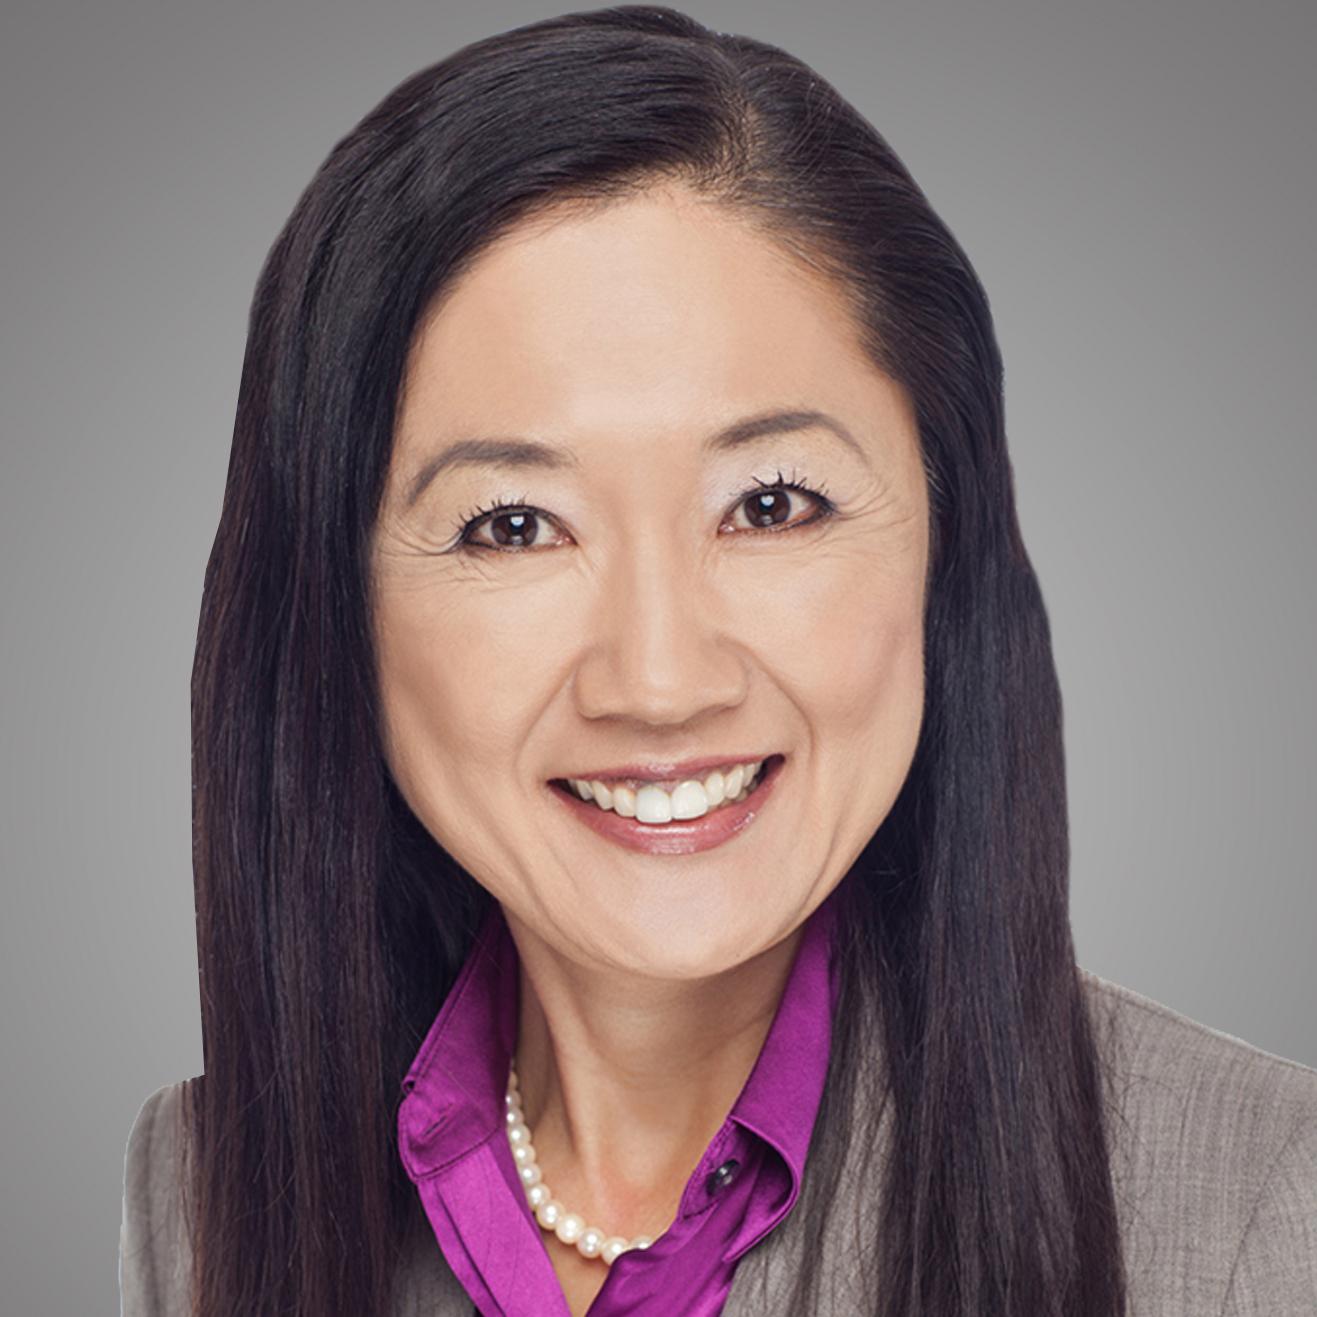 Hatsumi Y. Campbell